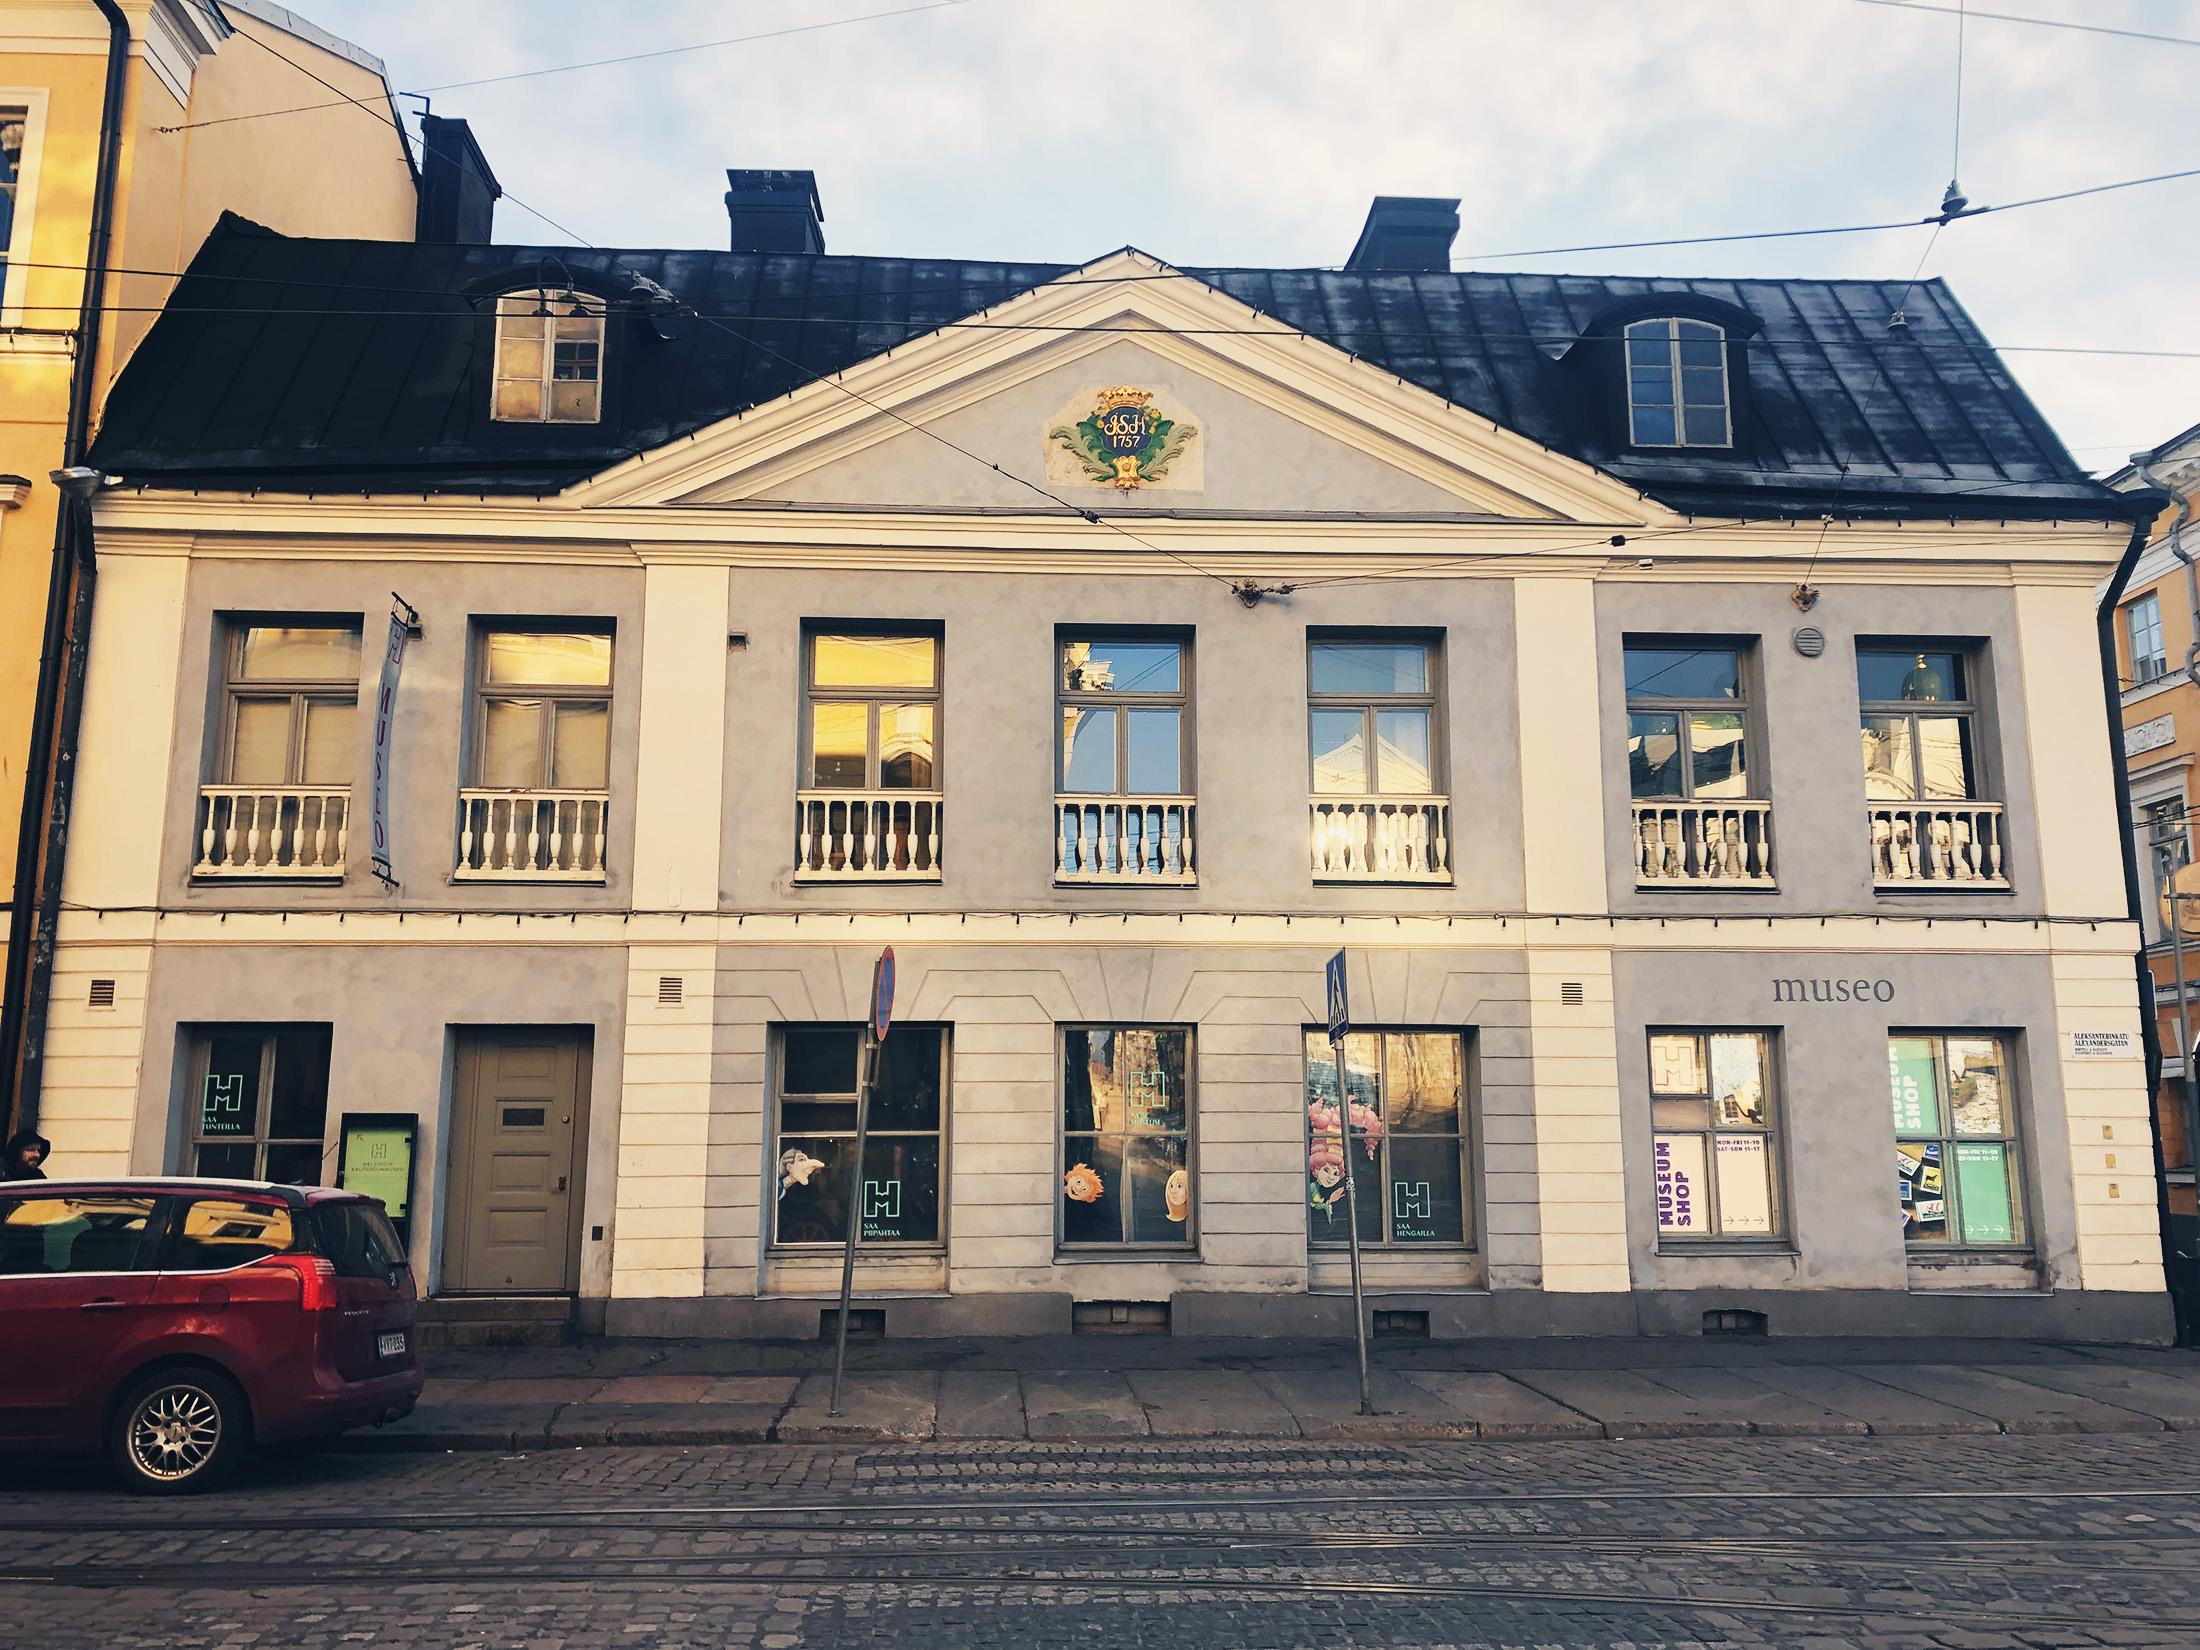 Sederholmska huset